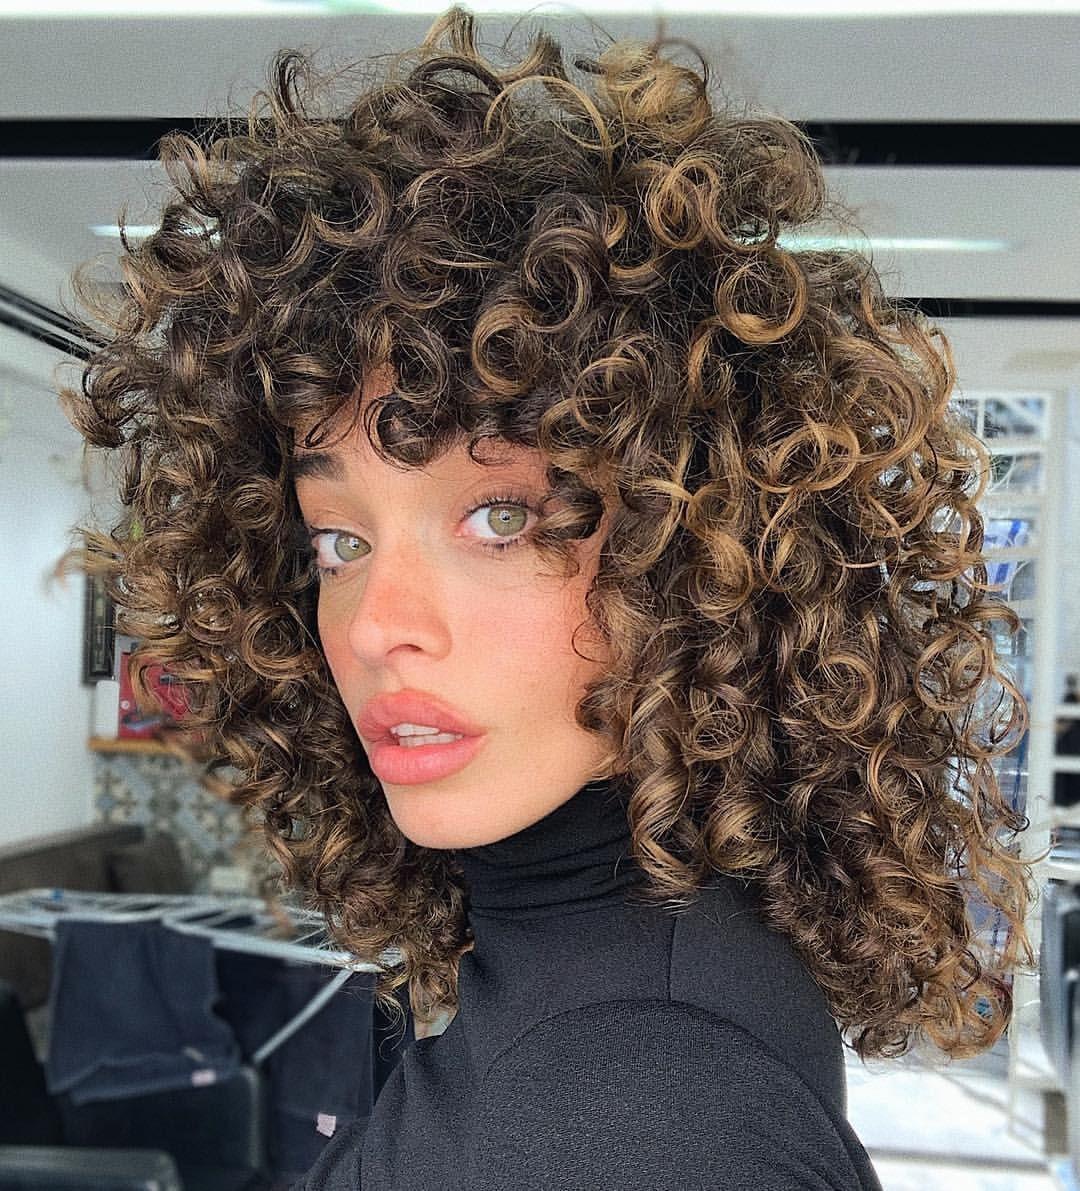 51 9 Tys Otmetok Nravitsya 408 Kommentariev Eden Fines עדן פינס Edenfines V Instagram New H In 2020 Curly Hair Styles Hair Styles Curly Hair Styles Naturally